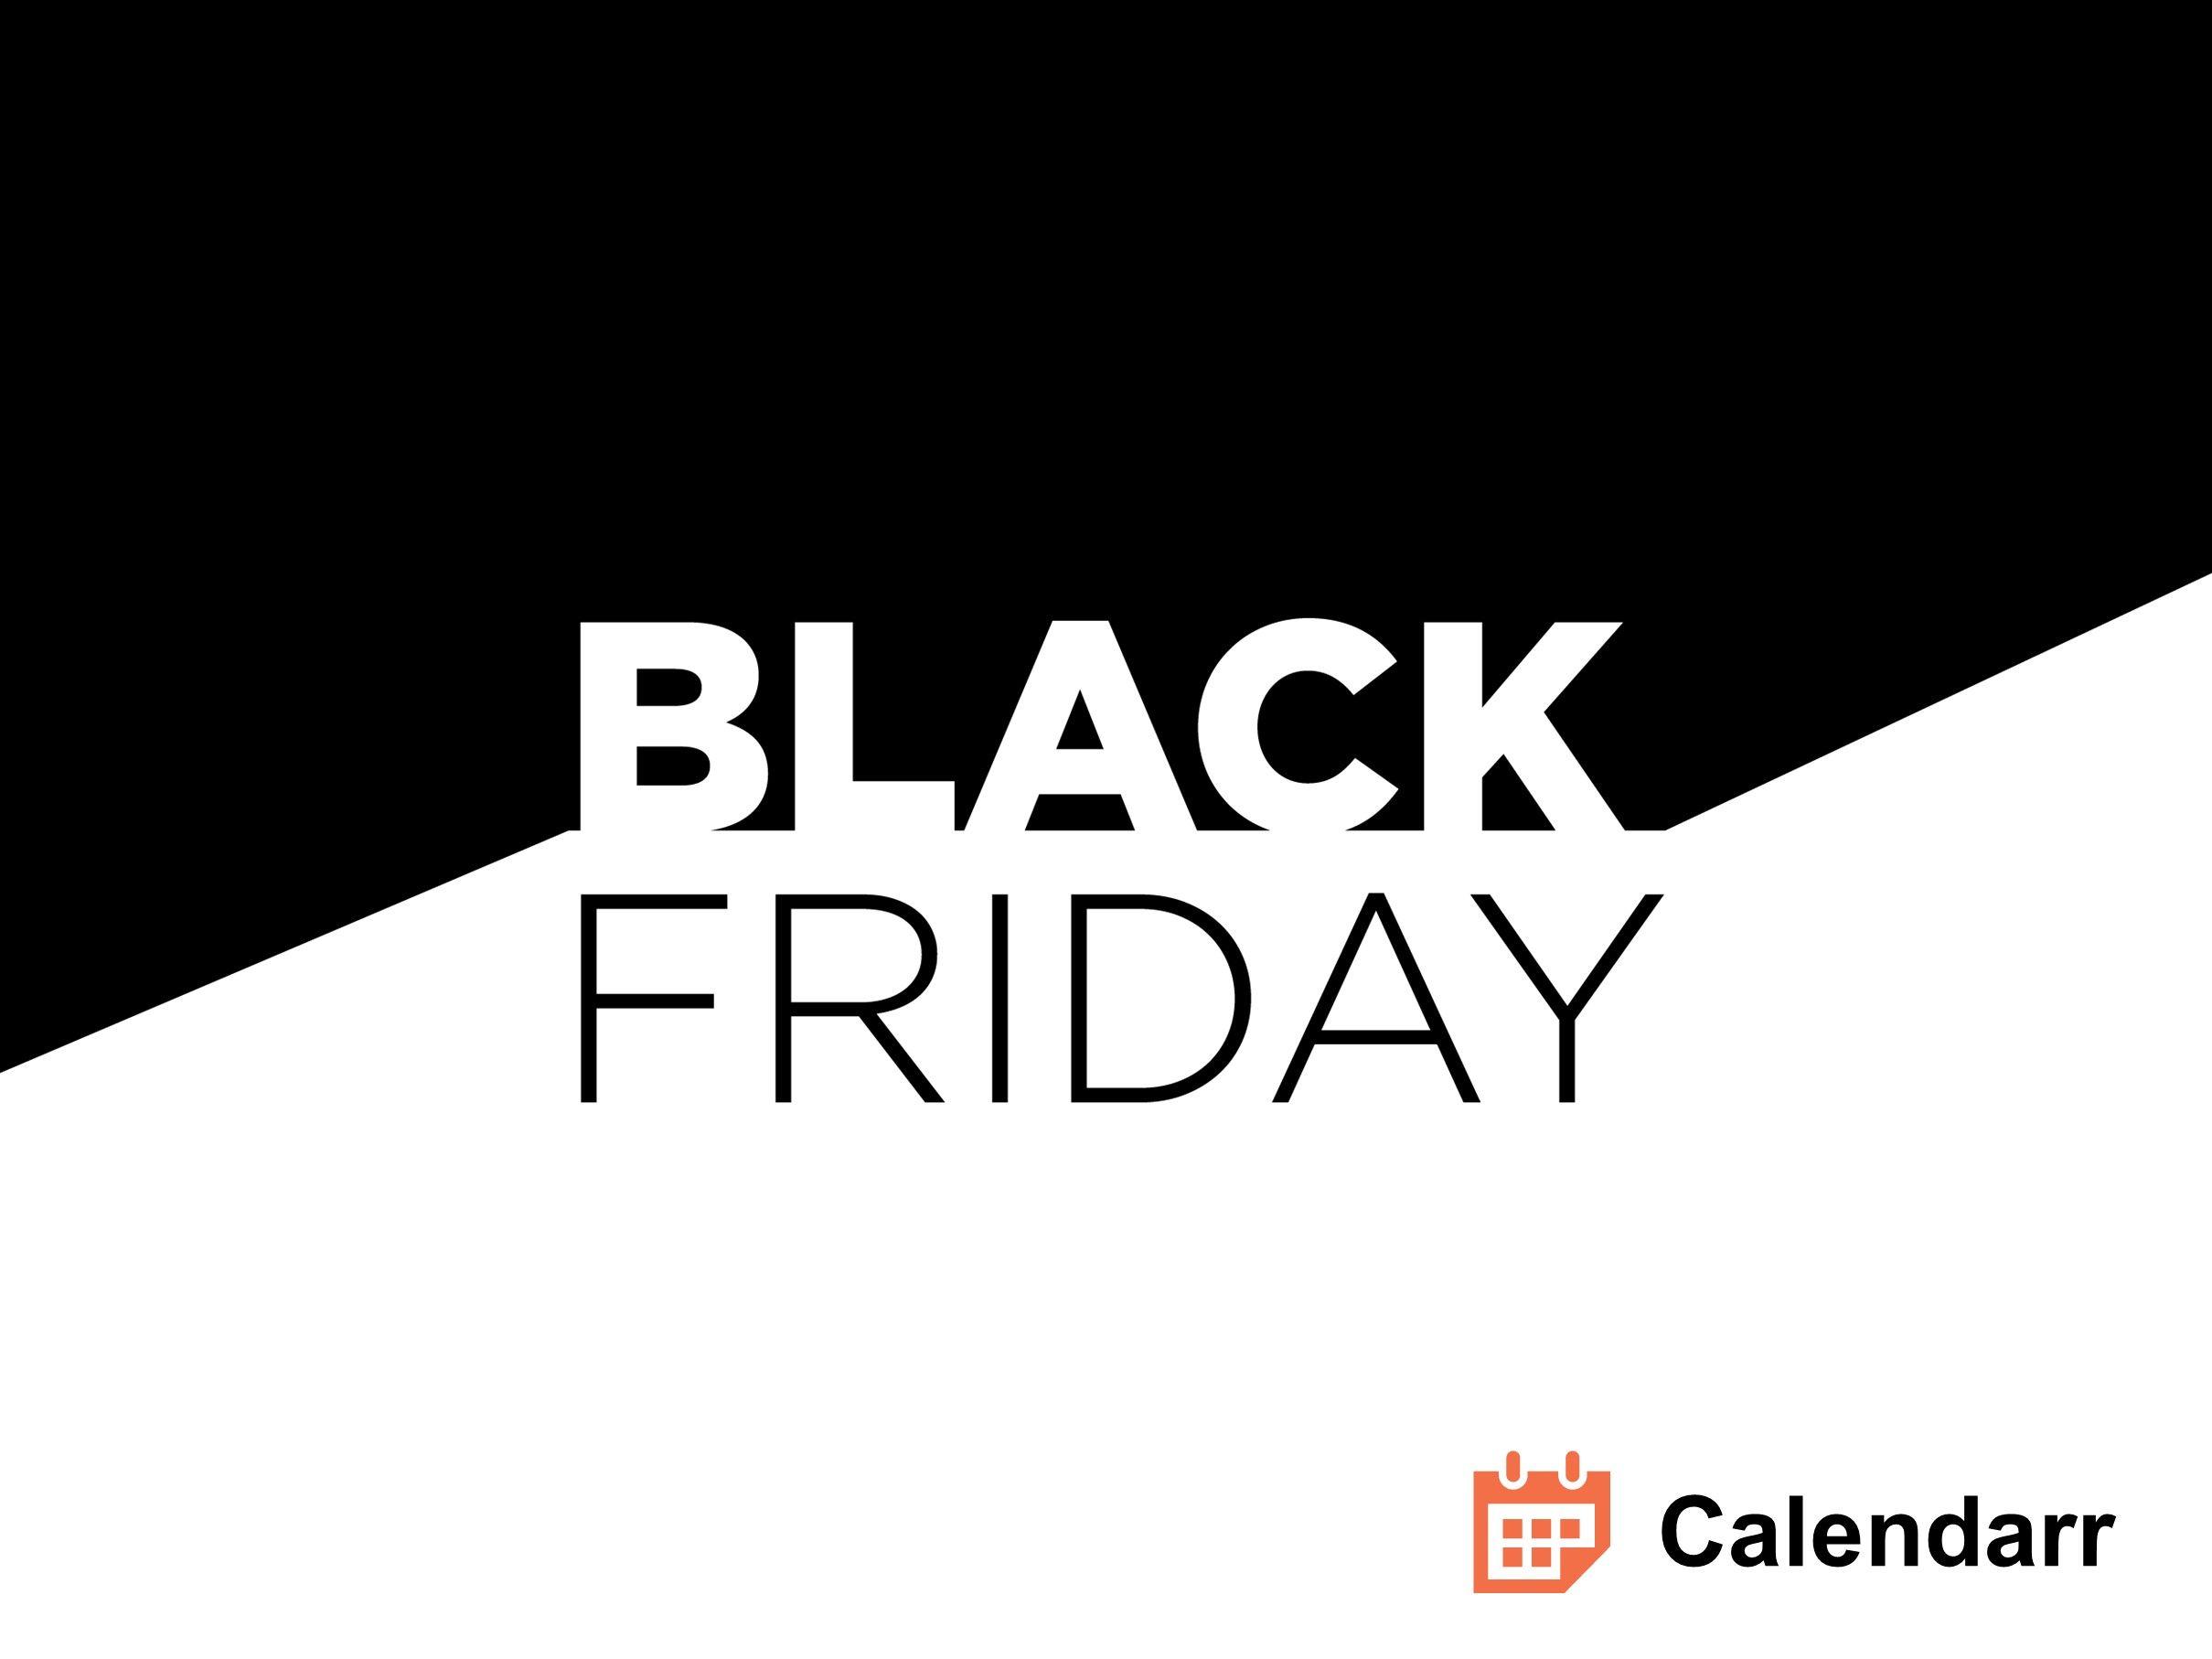 Black Friday 2020 Black Friday Em 2020 Dia De Acao De Gracas Black Friday Acao De Gracas